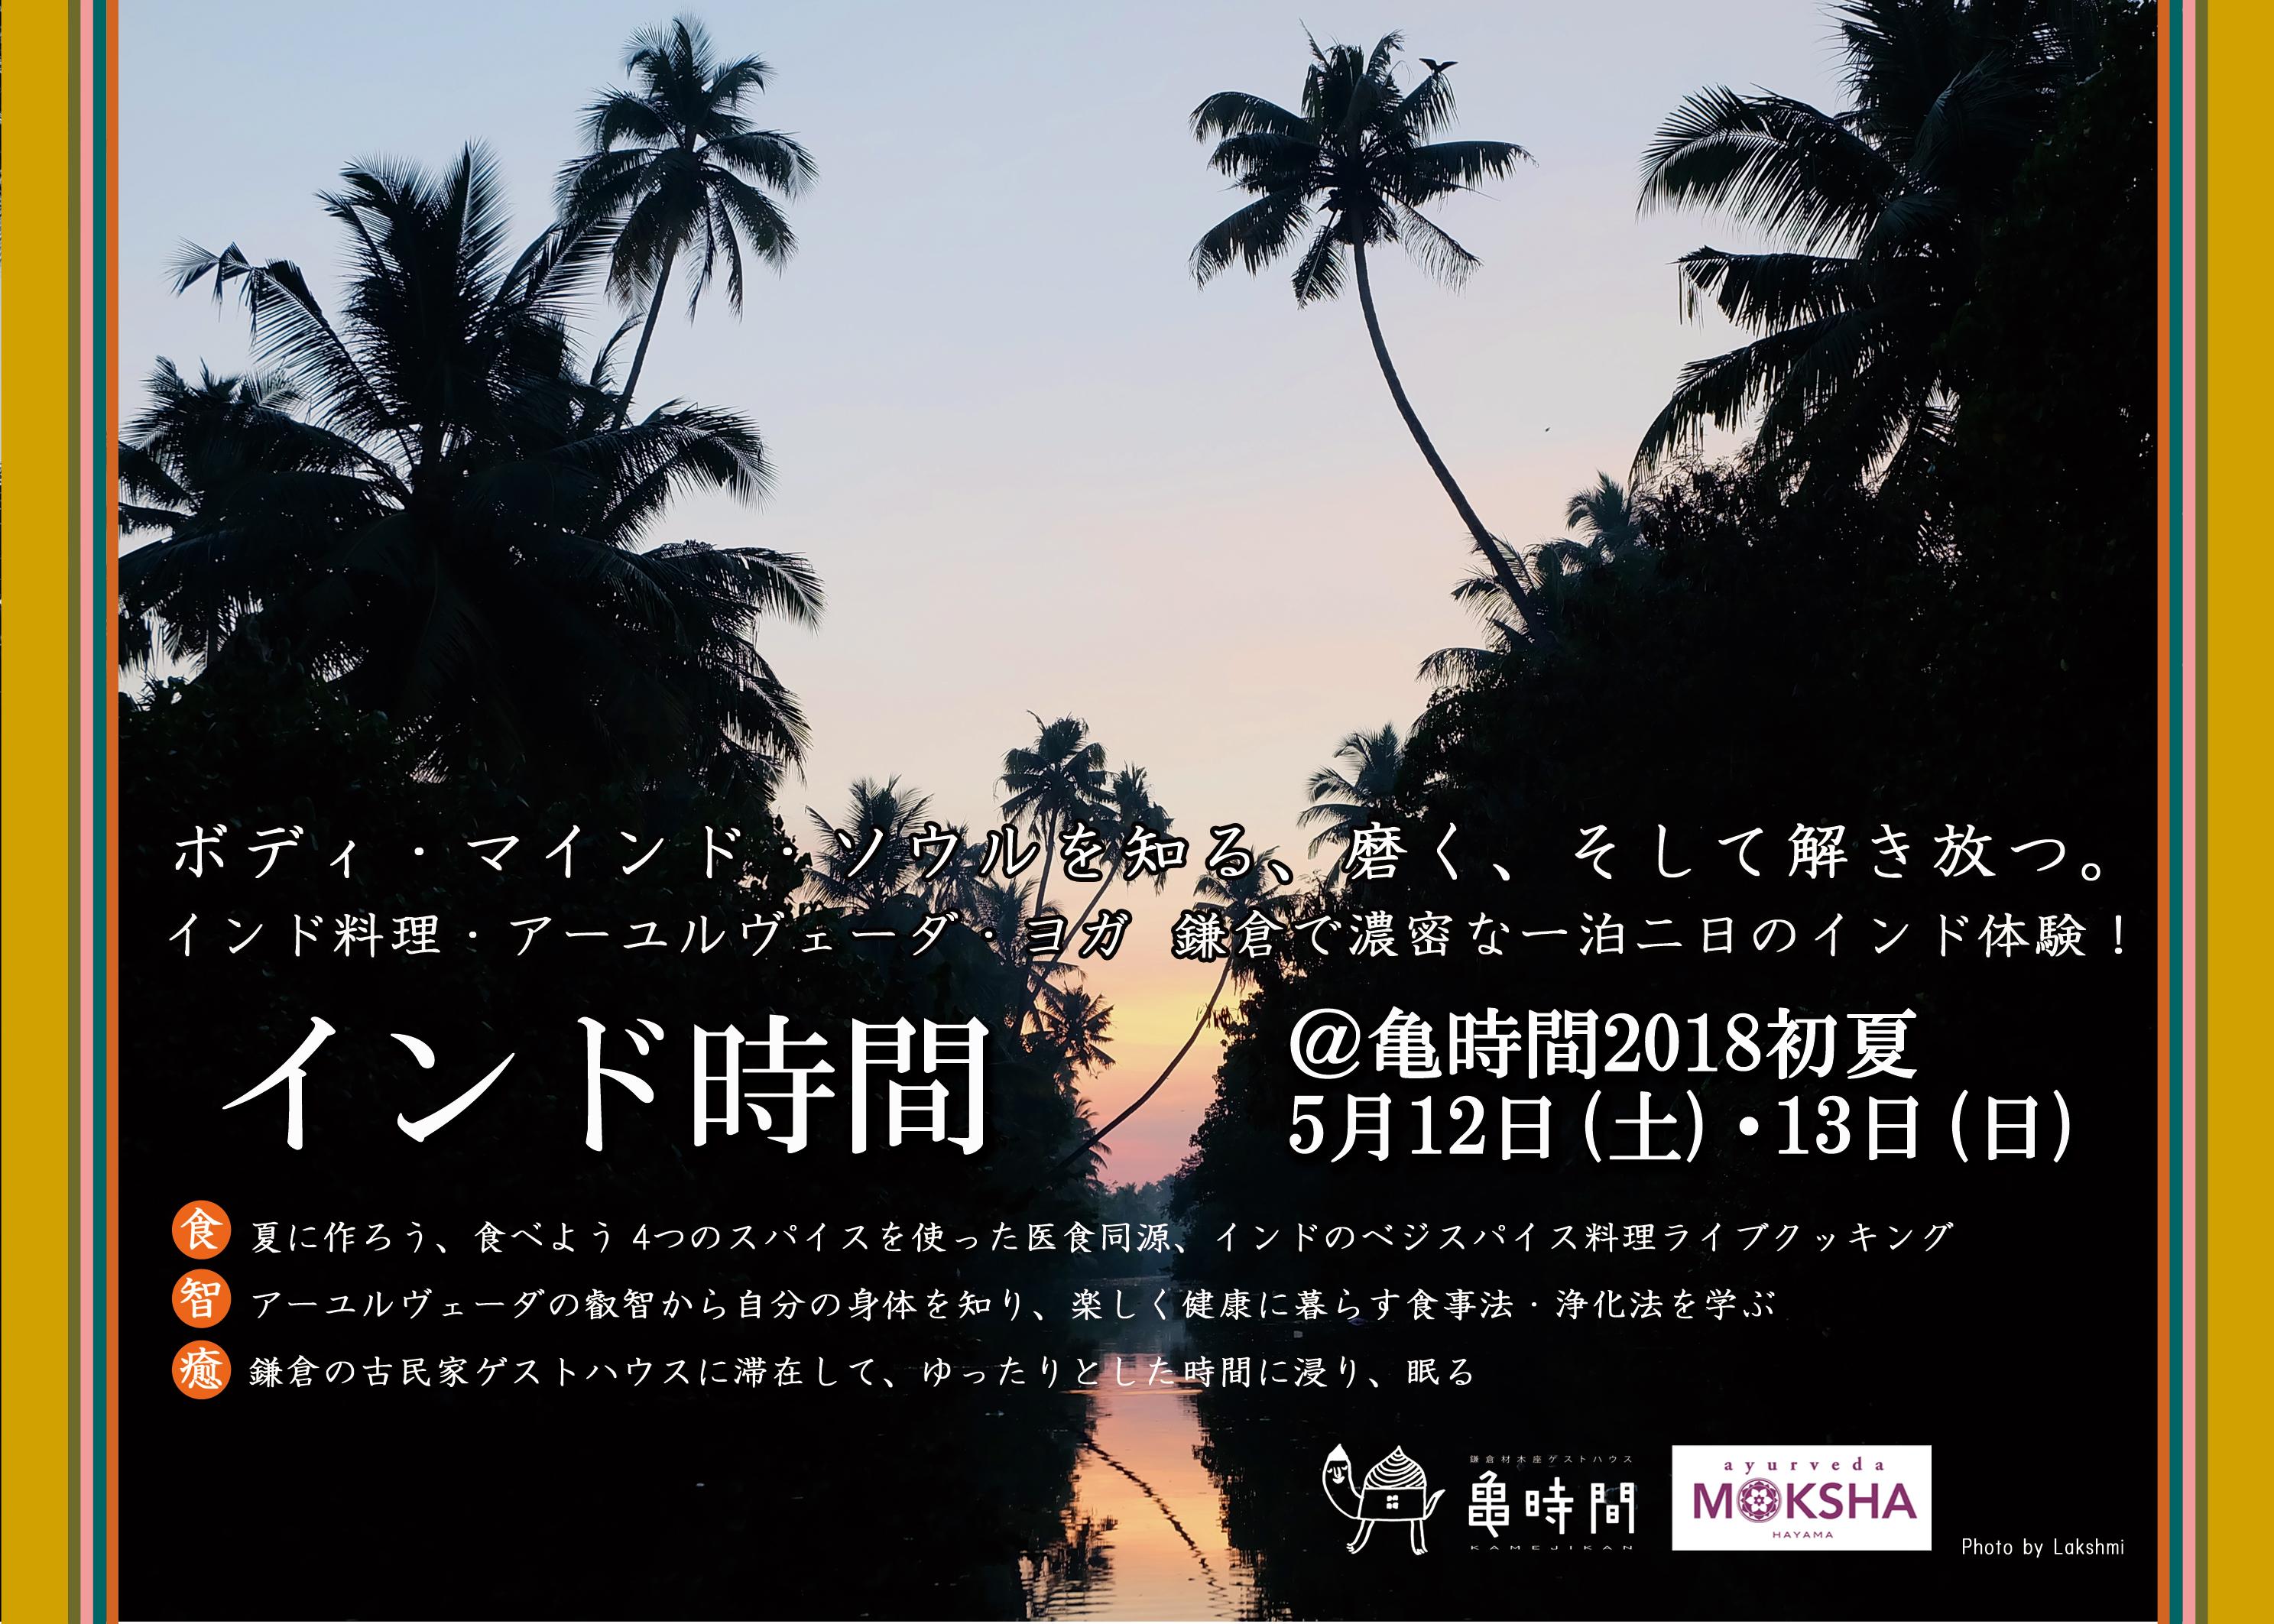 5月12日・13日『インド時間@亀時間2018初夏』募集開始!